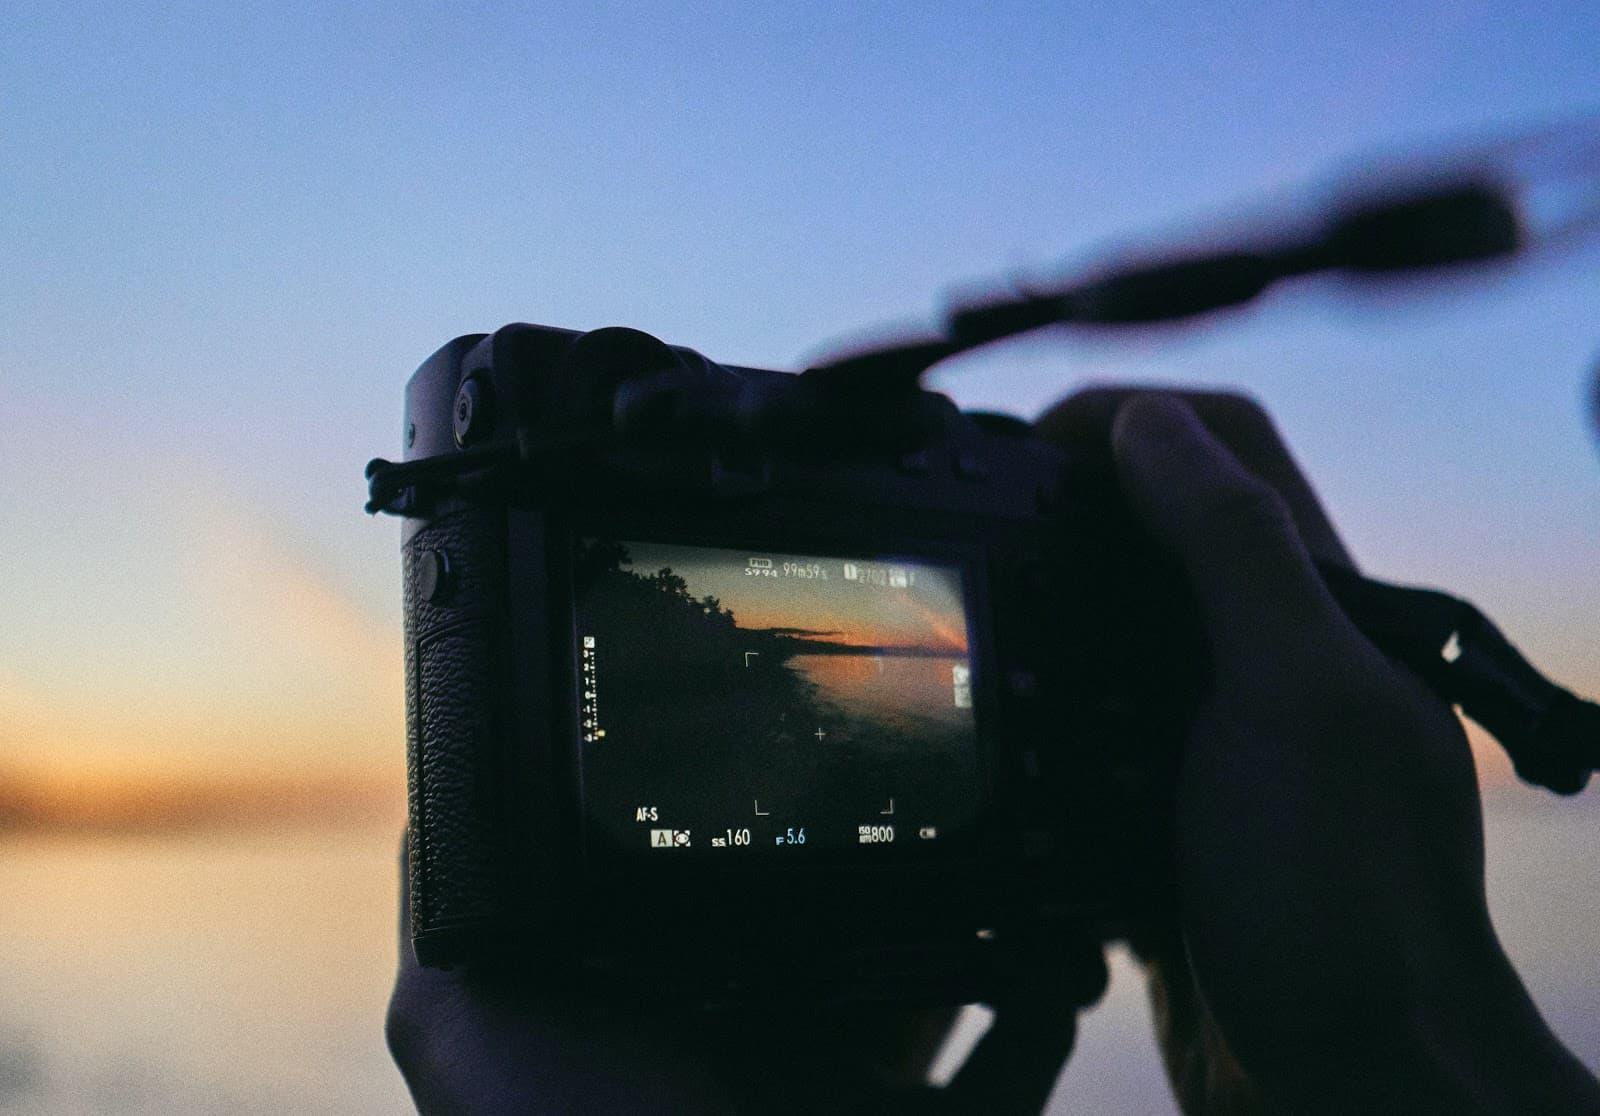 Camera click landscape photo